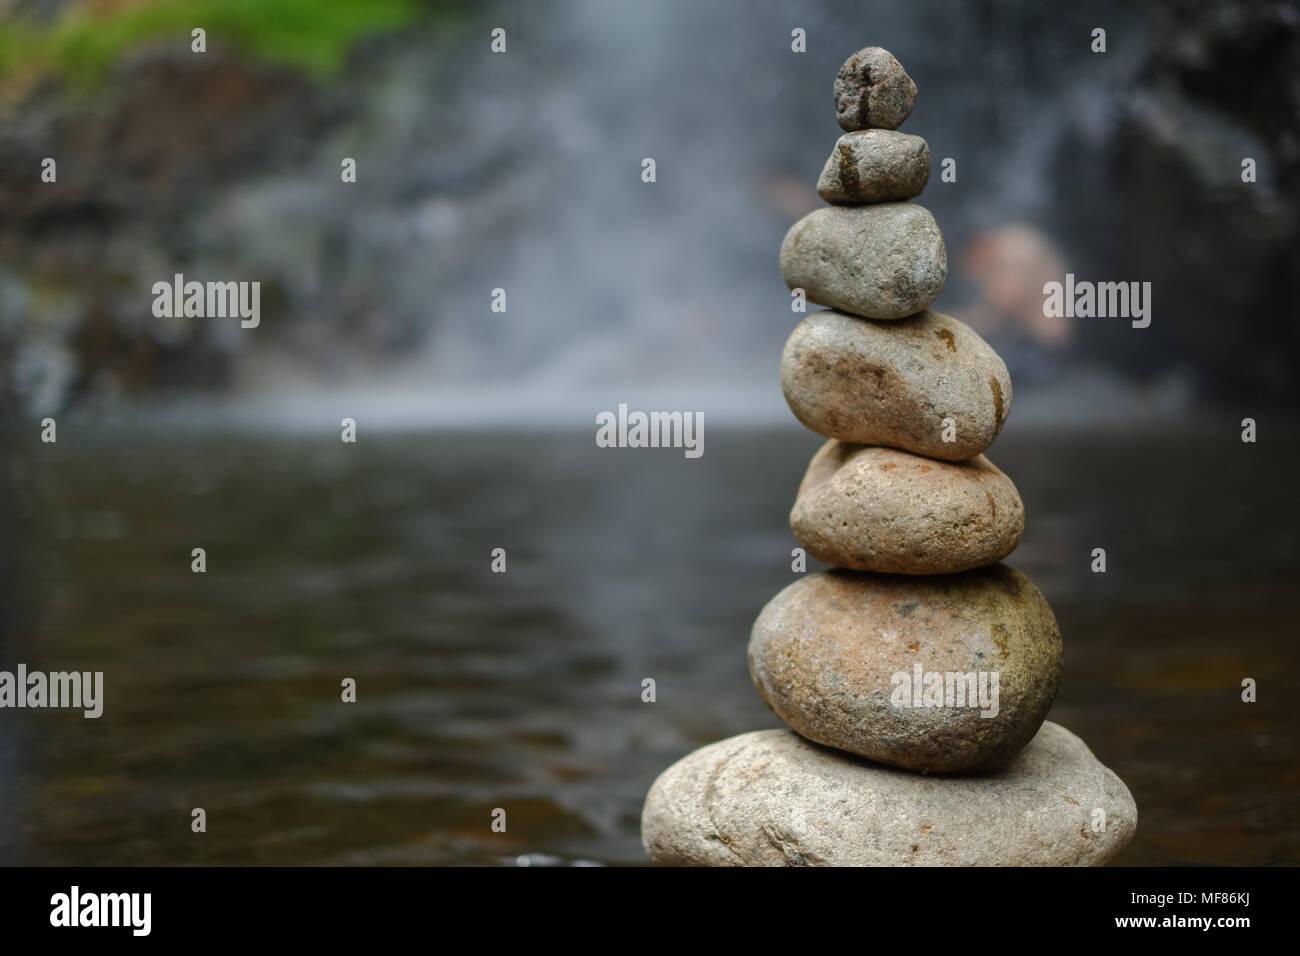 Galet sur la cascade. L'image de haute qualité de la pyramide de galets pierres sur cascade symbolisant la stabilité, le zen, l'harmonie, l'équilibre Photo Stock